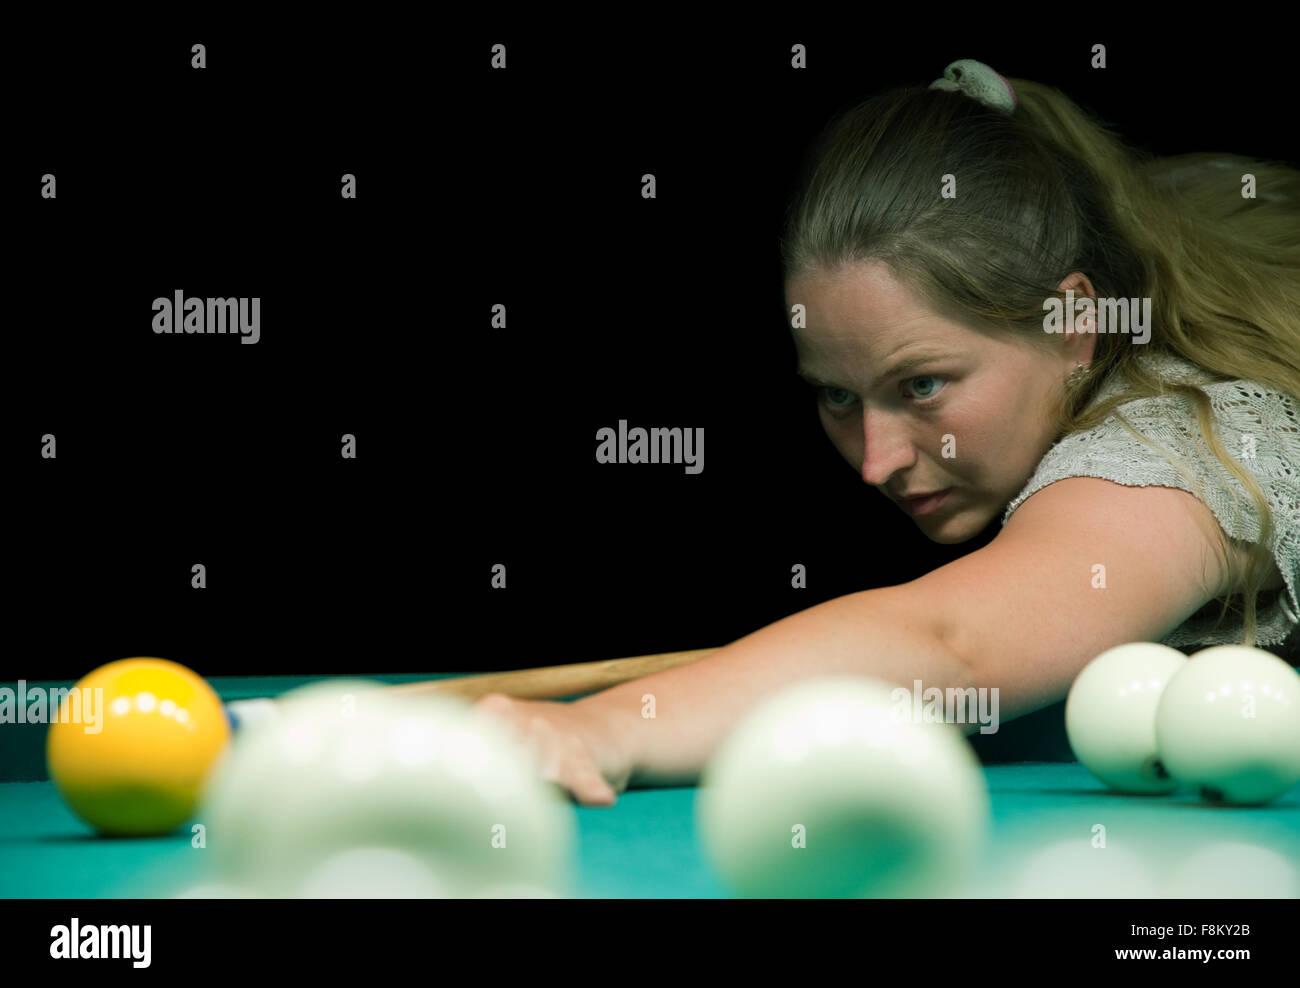 1699faaf5 Vestidos casuales mujer juega billar ruso Foto & Imagen De Stock ...